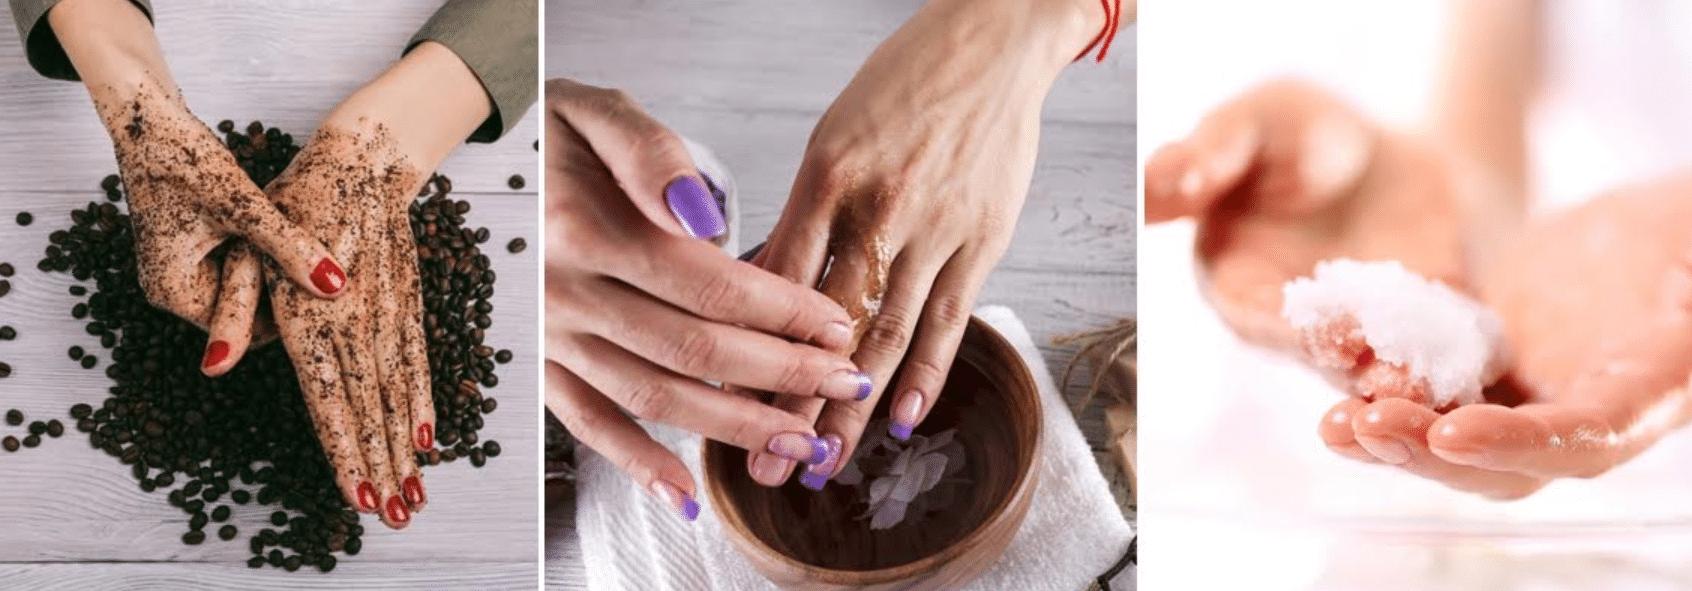 imagem de mãos sendo esfoliadas com métodos caseiros